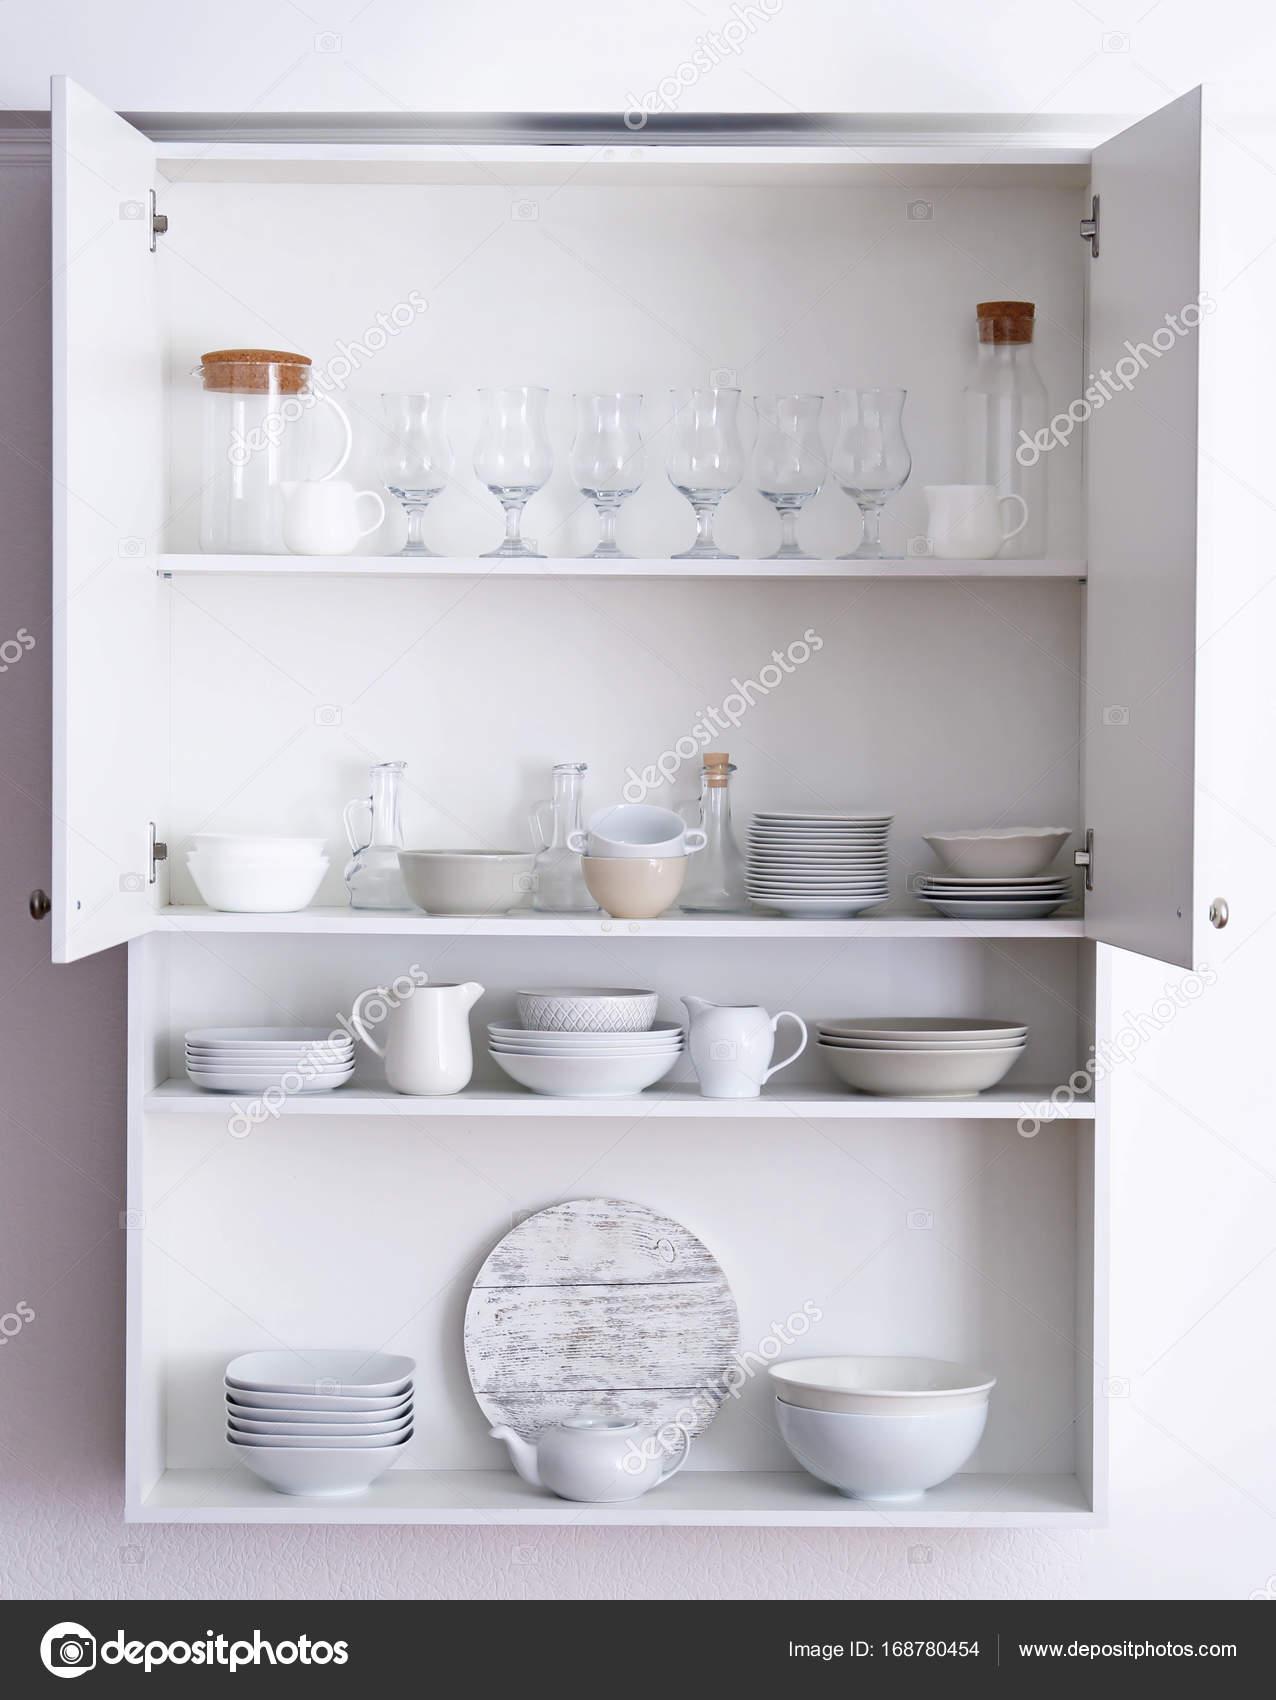 Küchenschrank mit verschiedenen sauberes Geschirr — Stockfoto ...